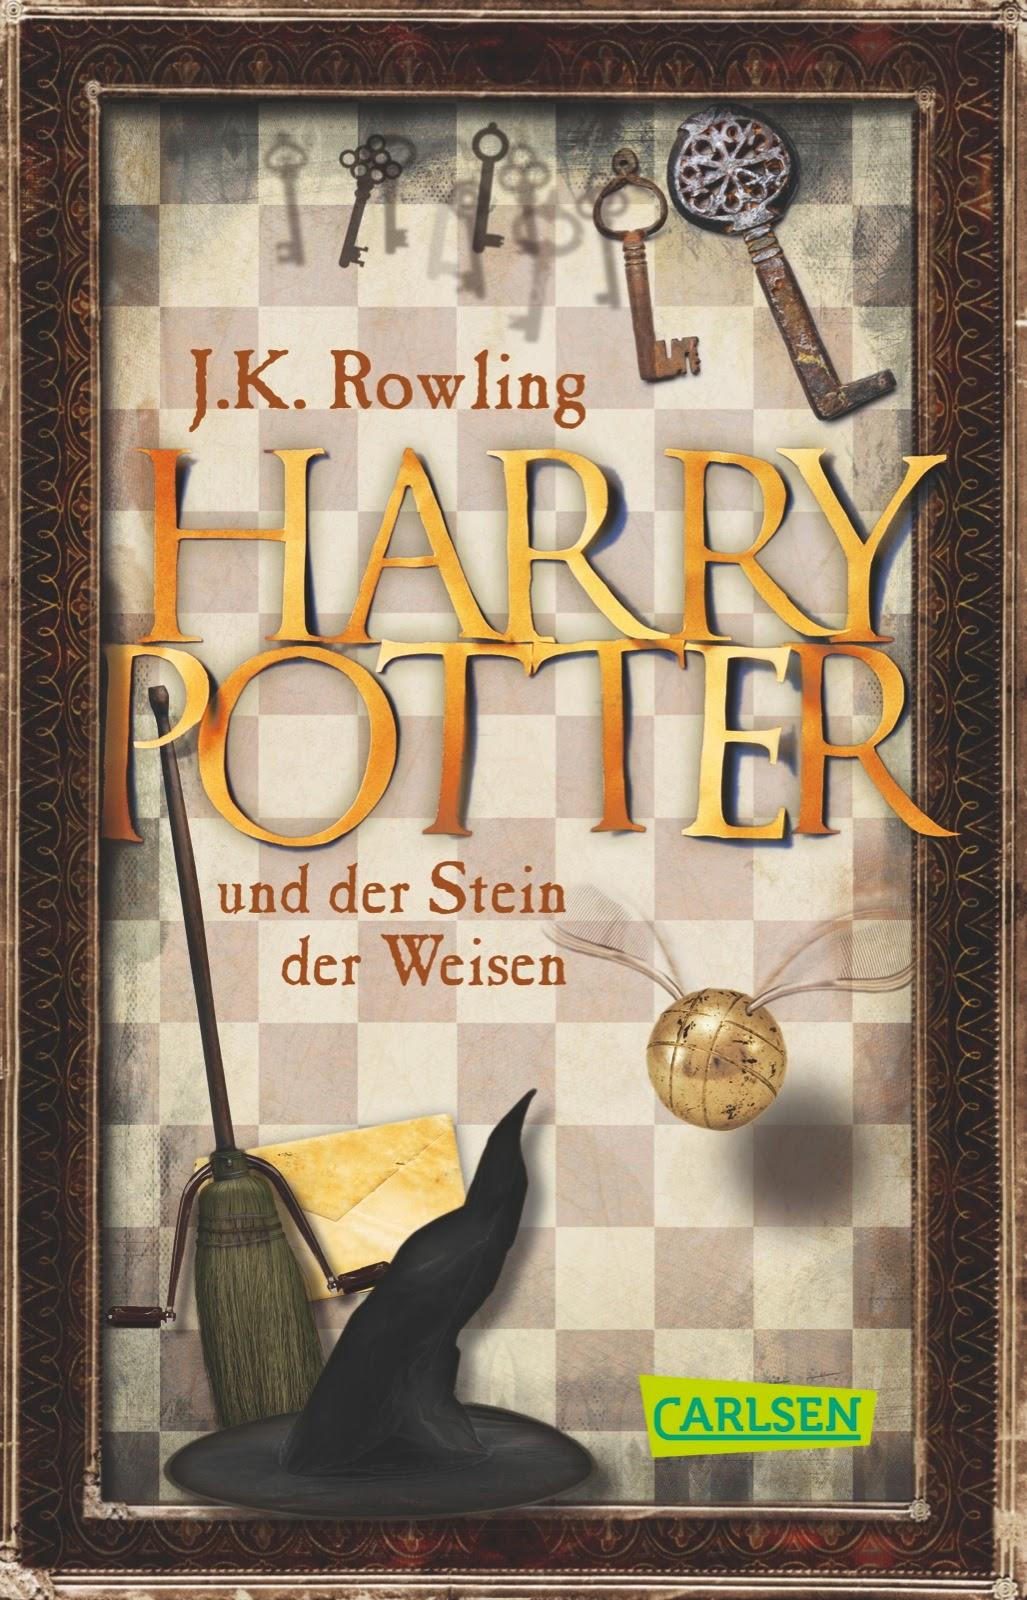 http://www.carlsen.de/taschenbuch/harry-potter-band-1-harry-potter-und-der-stein-der-weisen/21246